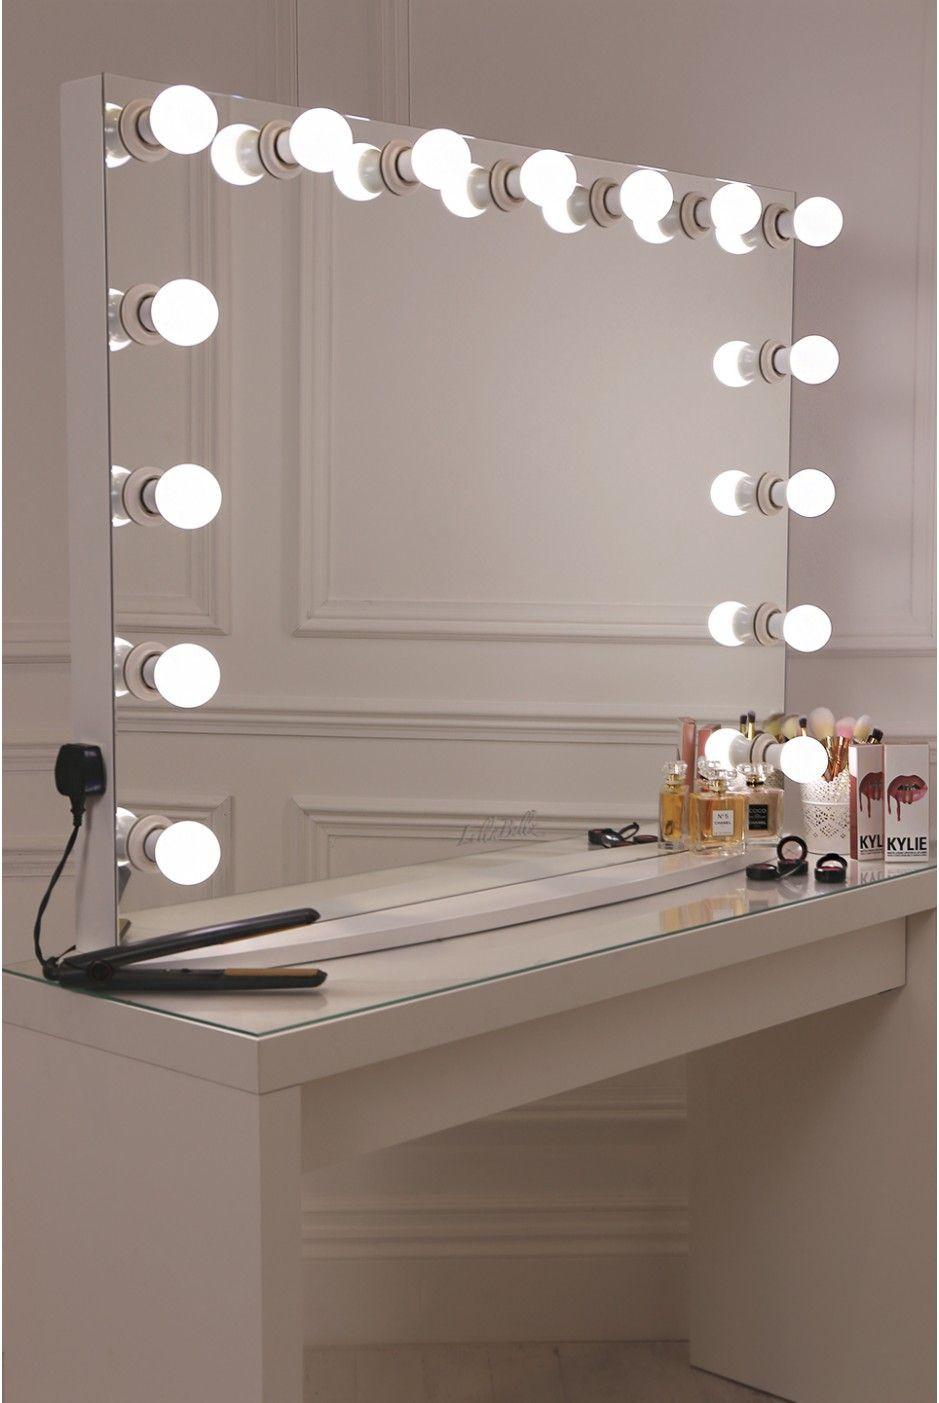 Hollywood Vanity Mirror DIY  17 DIY Vanity Mirror Ideas to Make Your Room More